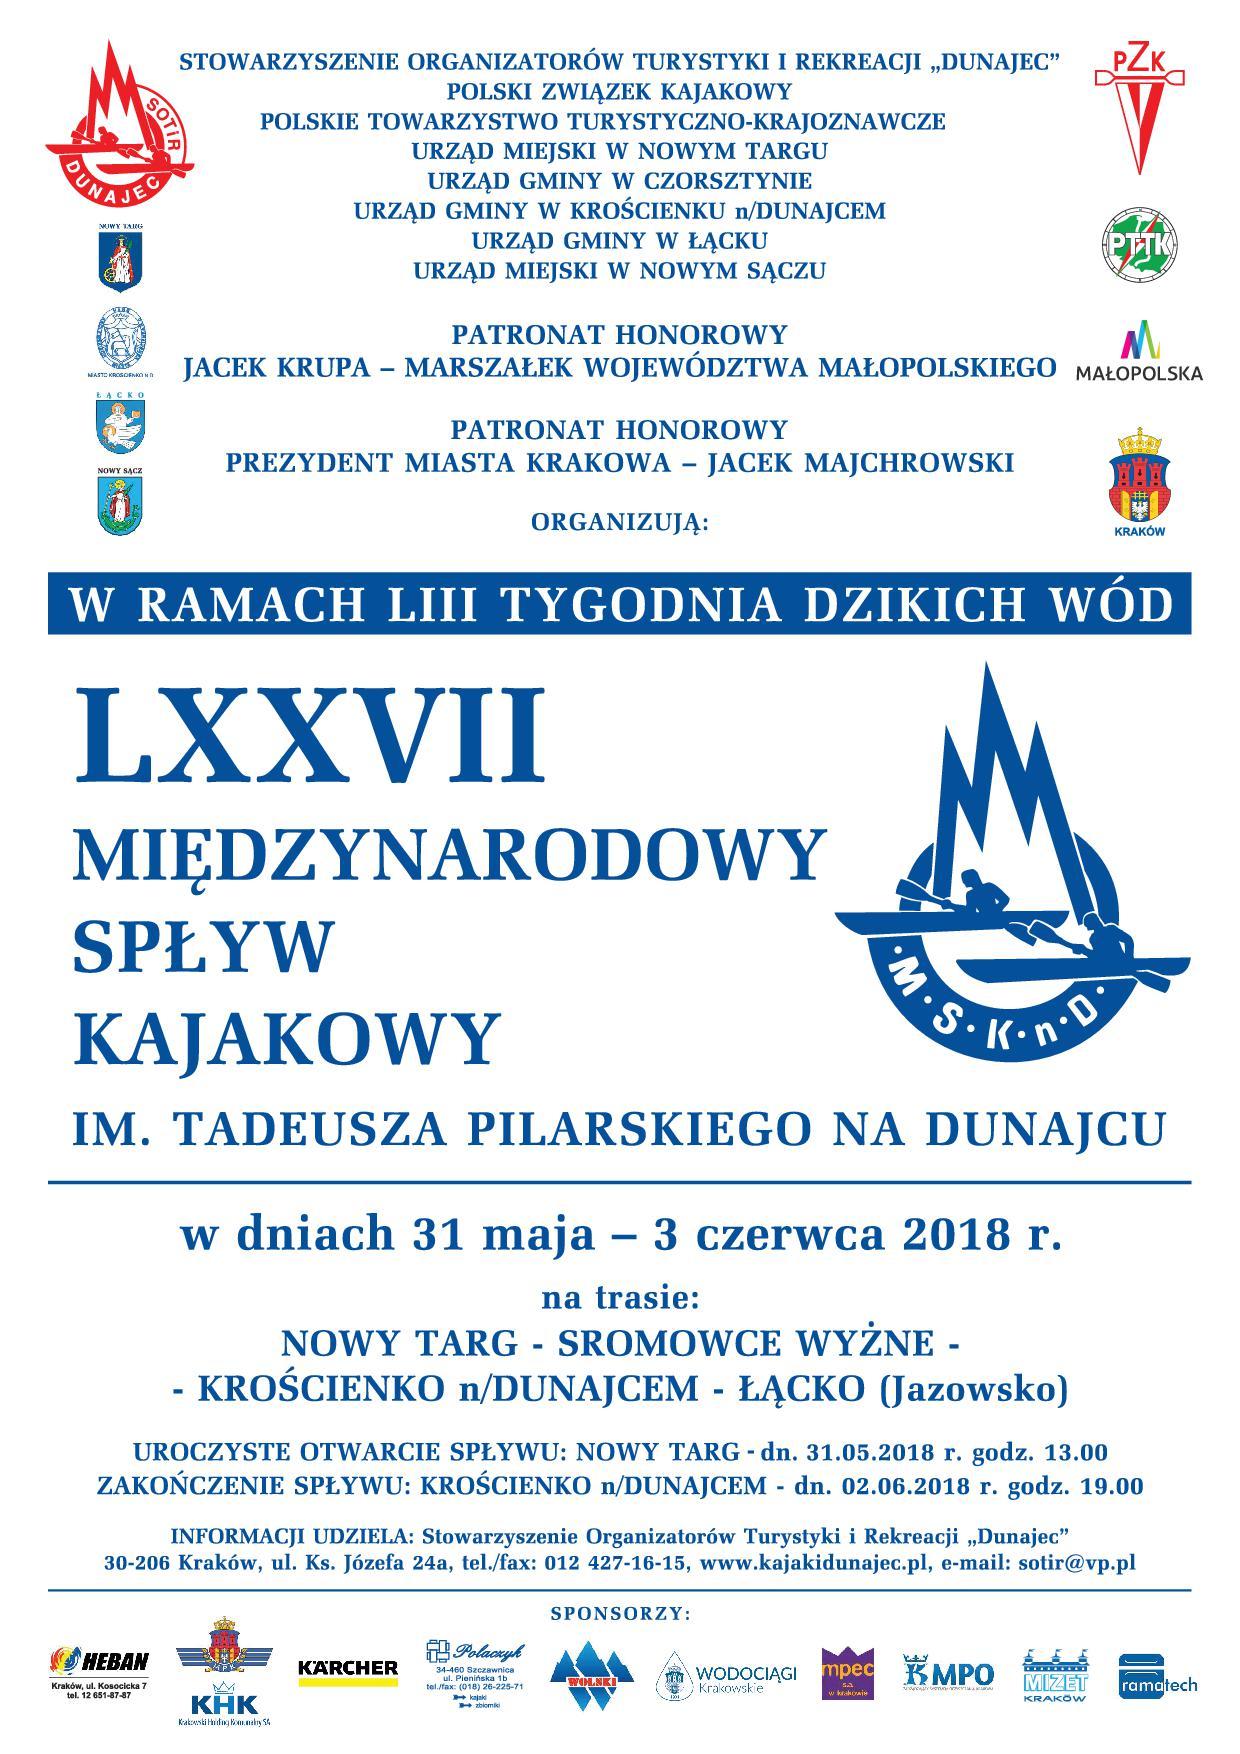 LXXVII Międzynarodowy Spływ Kajakowy  im. T. Pilarskiego na Dunajcu